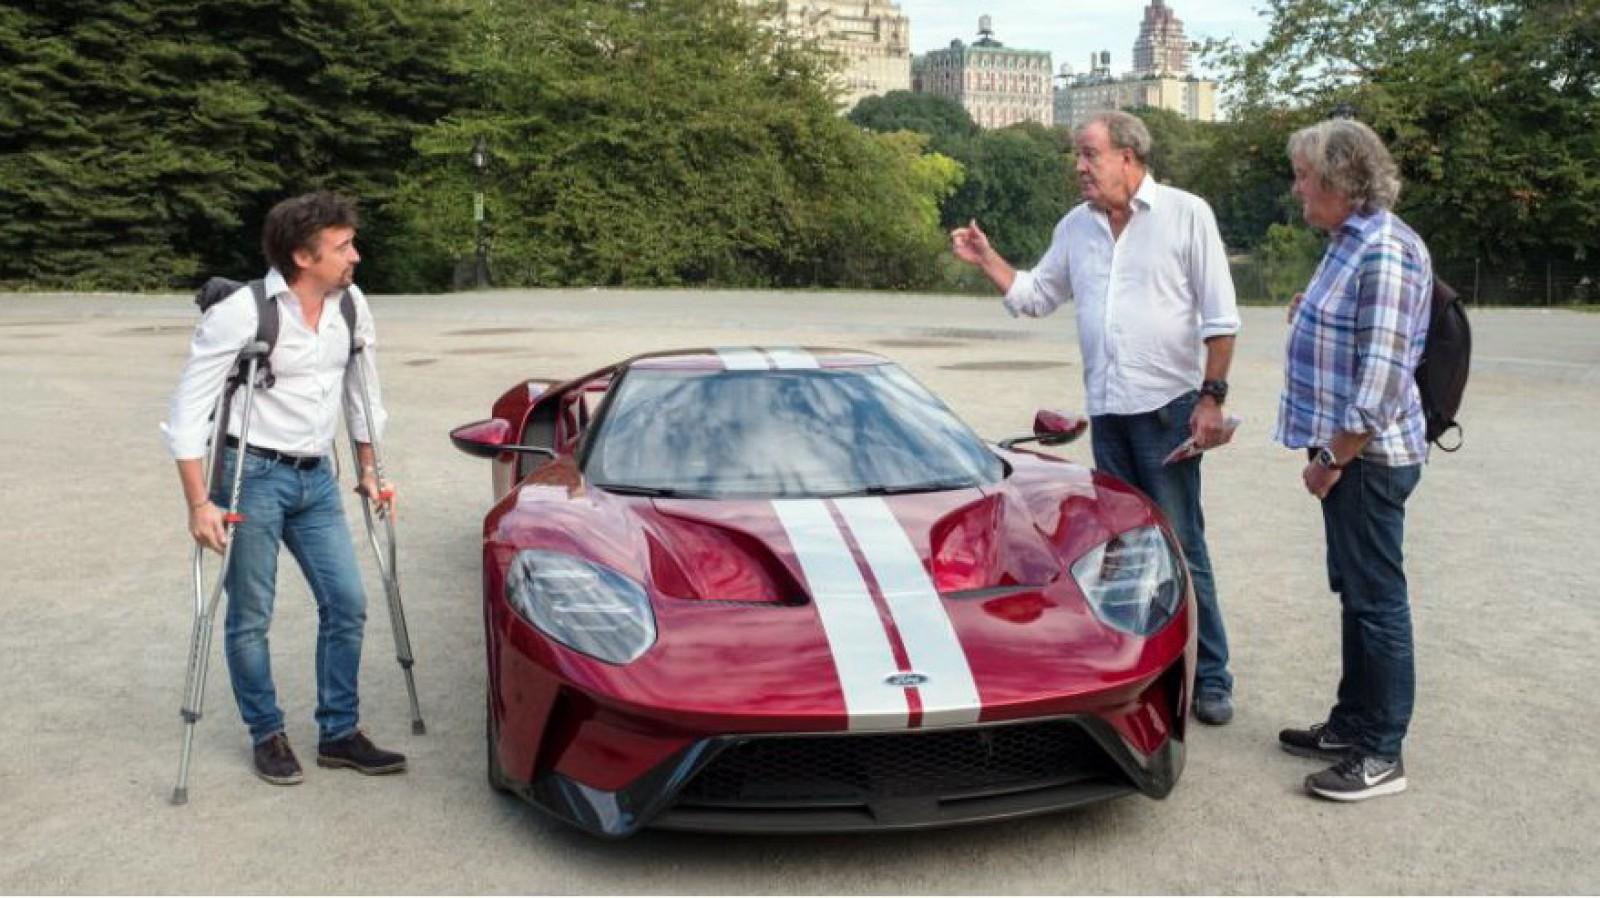 Aventura De Care Spuneam Costa Intr O Cursa In Care Jeremy Clarkson Participa Cu Un Supercar Ford Gt Impotriva Lui Richard Hammond Si James May Care